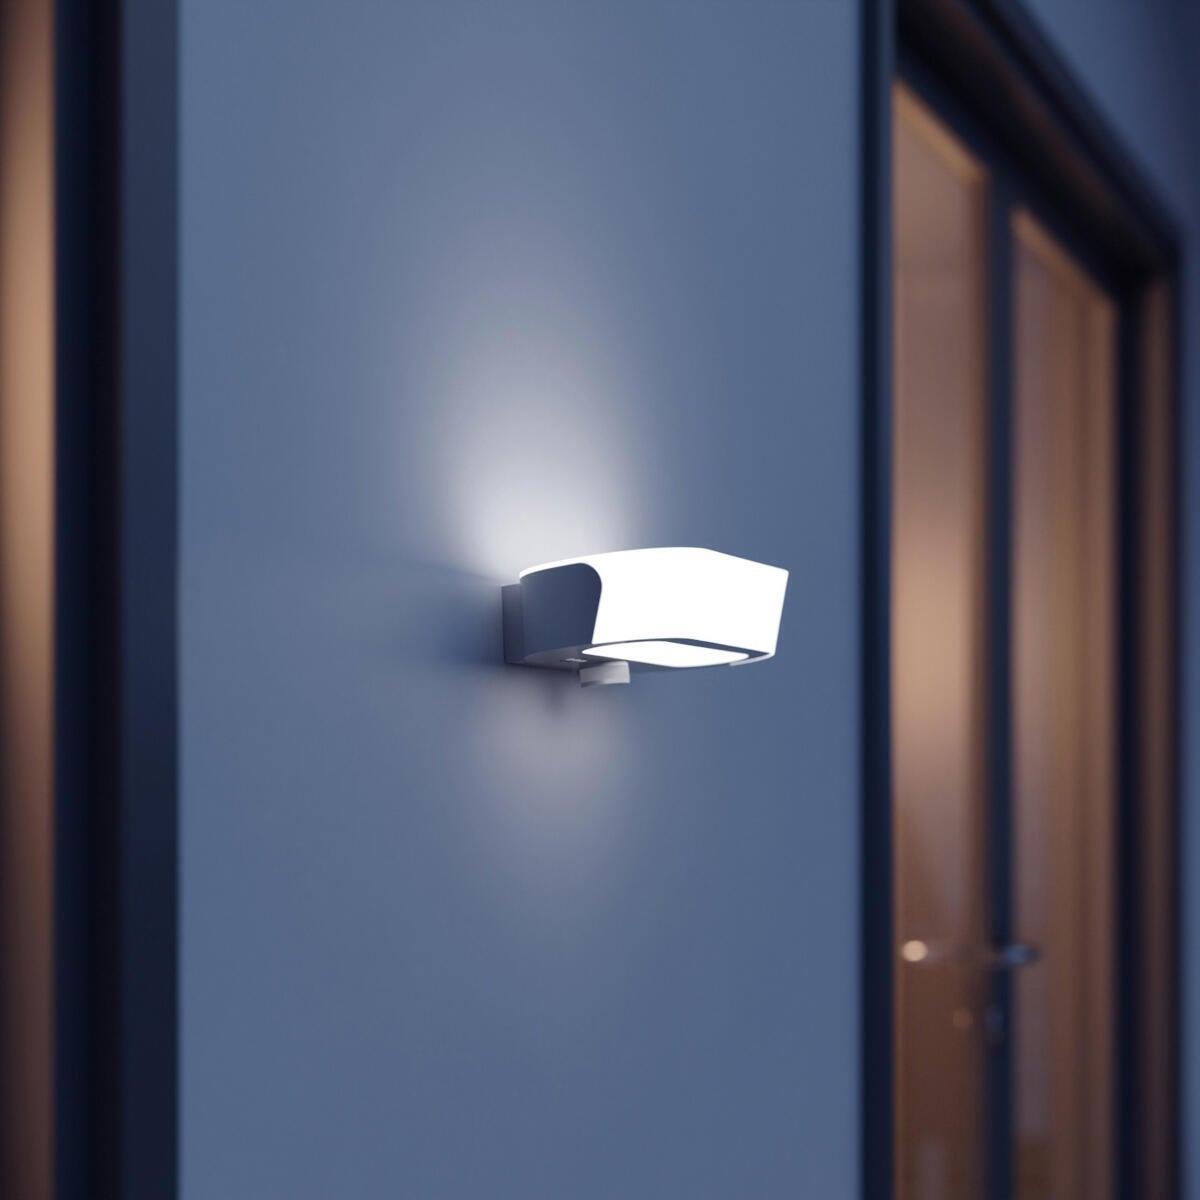 Applique L 710 LED integrato con sensore di movimento, antracite, 8.6W 670LM IP54 STEINEL - 2